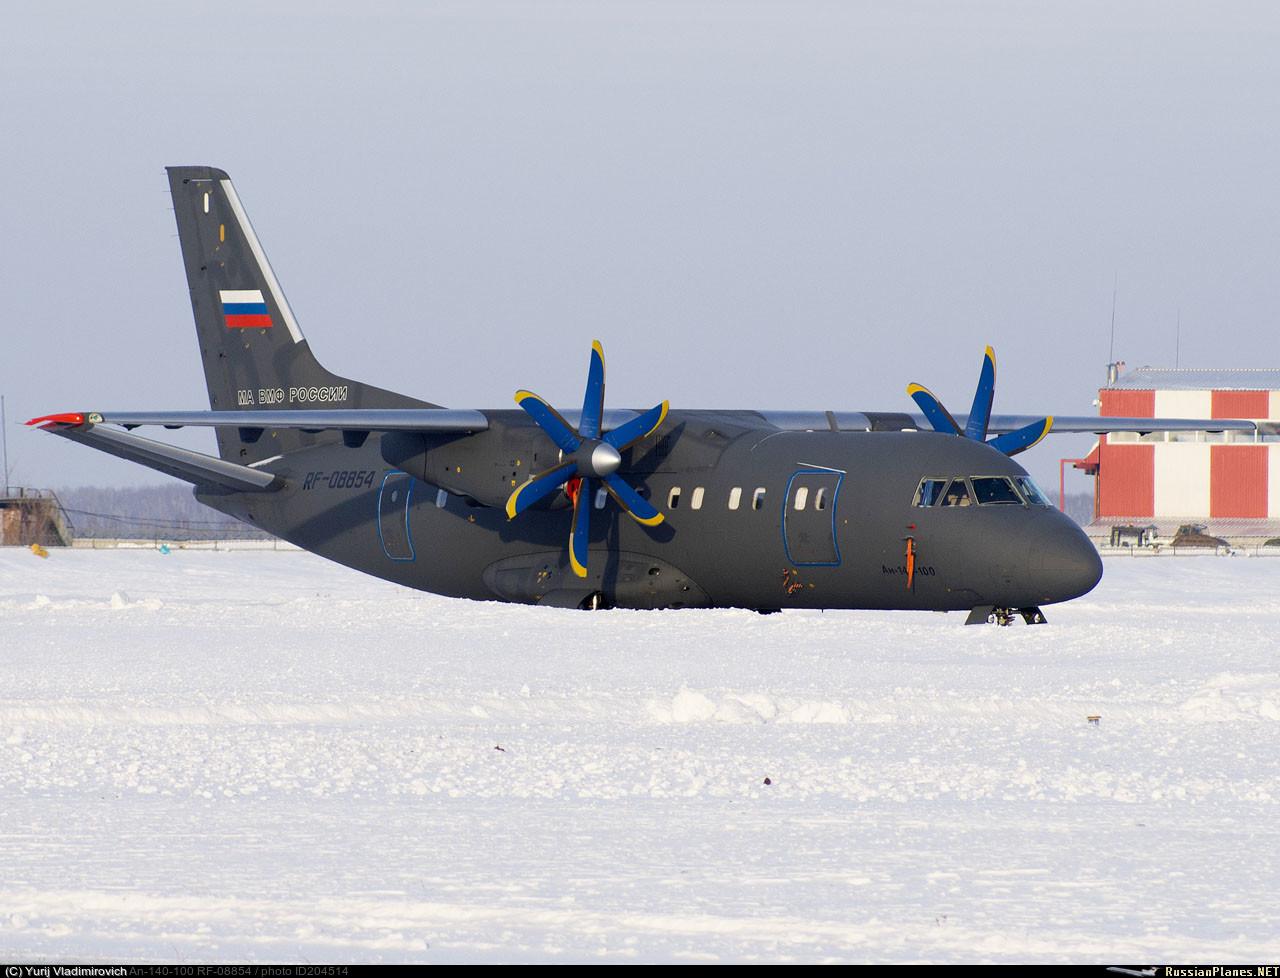 Совершавший перелет в состав Морской авиации Тихоокеанского флота самолет Ан-140-100 (регистрационный номер RF-08854, заводской номер 16А011) во время промежуточной посадки в Толмачево (Новосибирск), 12.02.2017